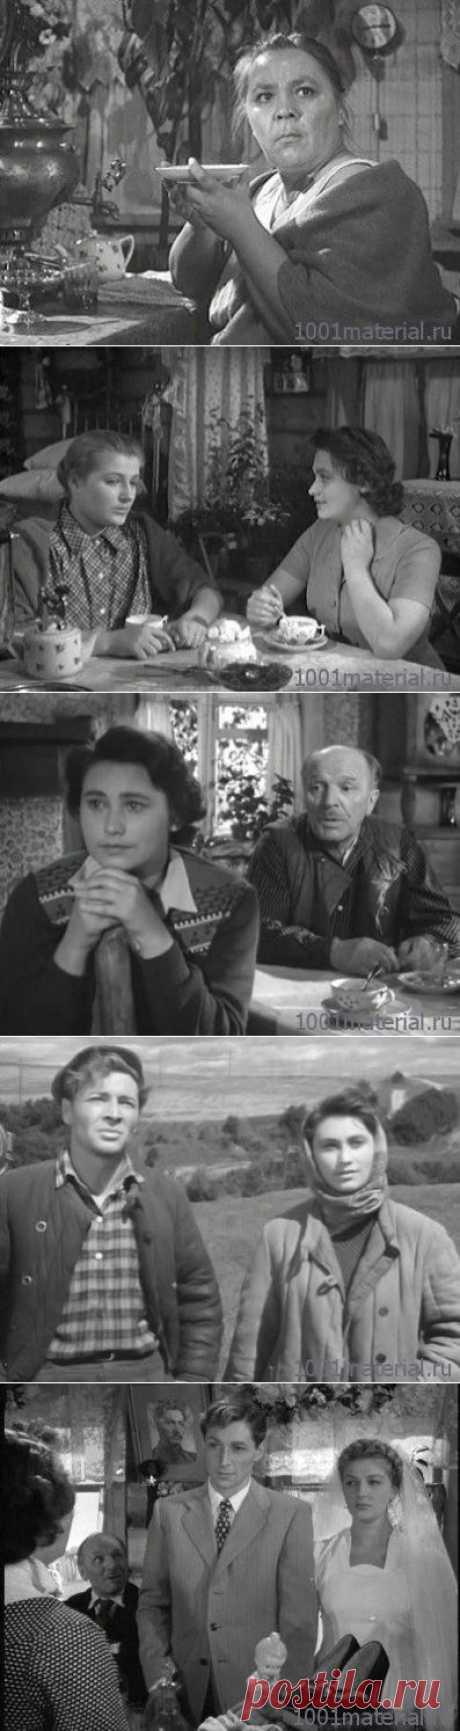 История создания фильма «Дело было в Пенькове» / Назад в  / Back in USSR